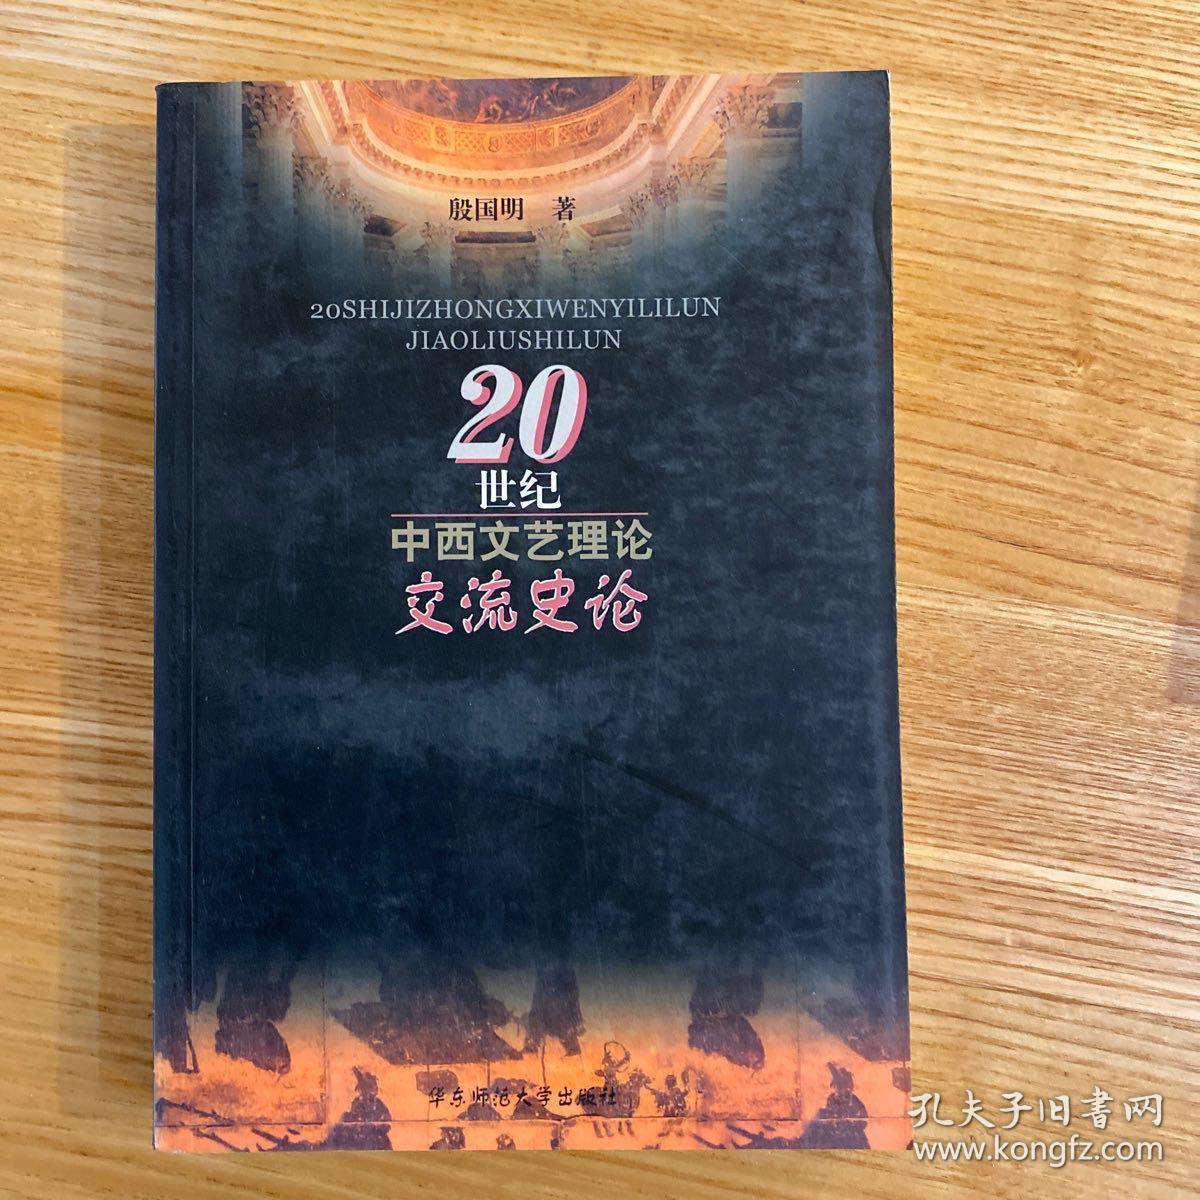 20世纪中西文艺理论交流史论